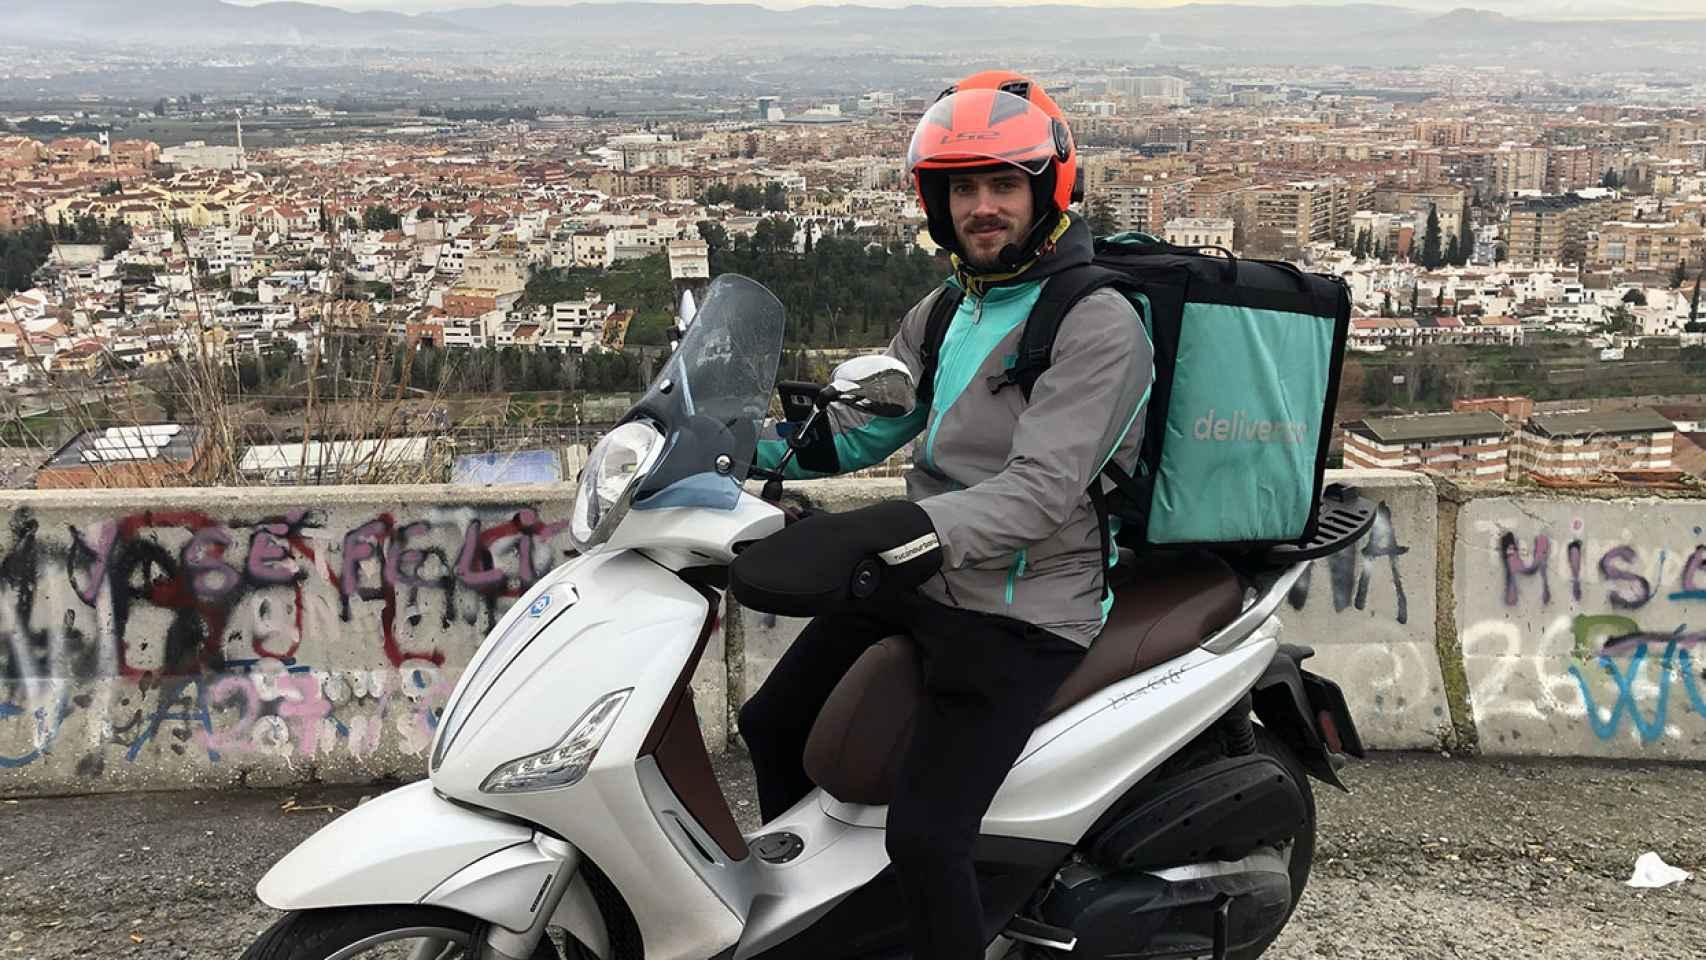 El 'rider' de Deliveroo Pablo Martínez.